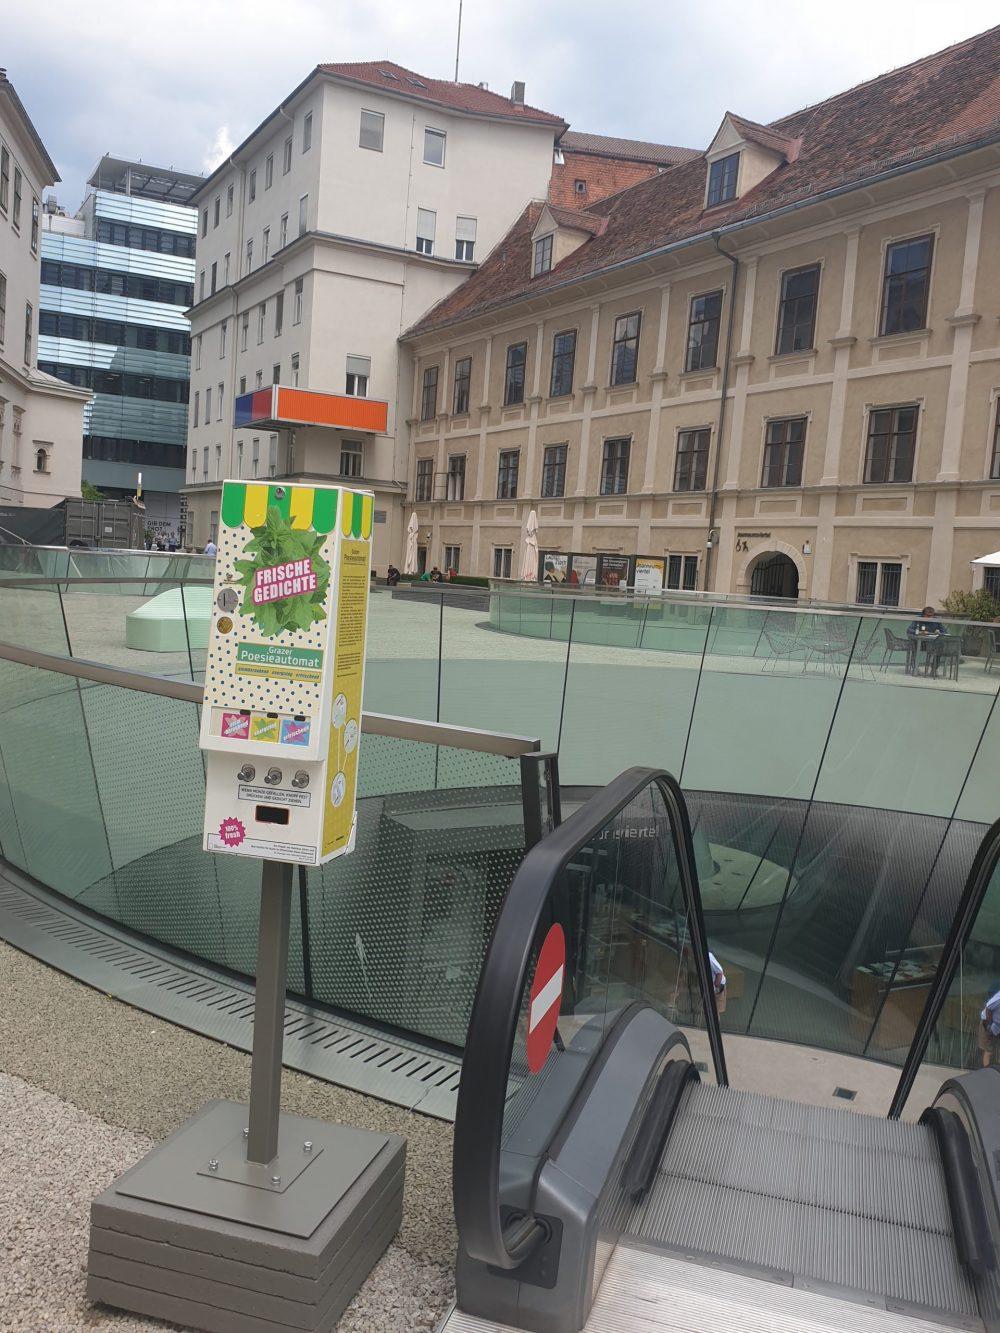 Poesie-Automat im Grazer Joanneumsviertel